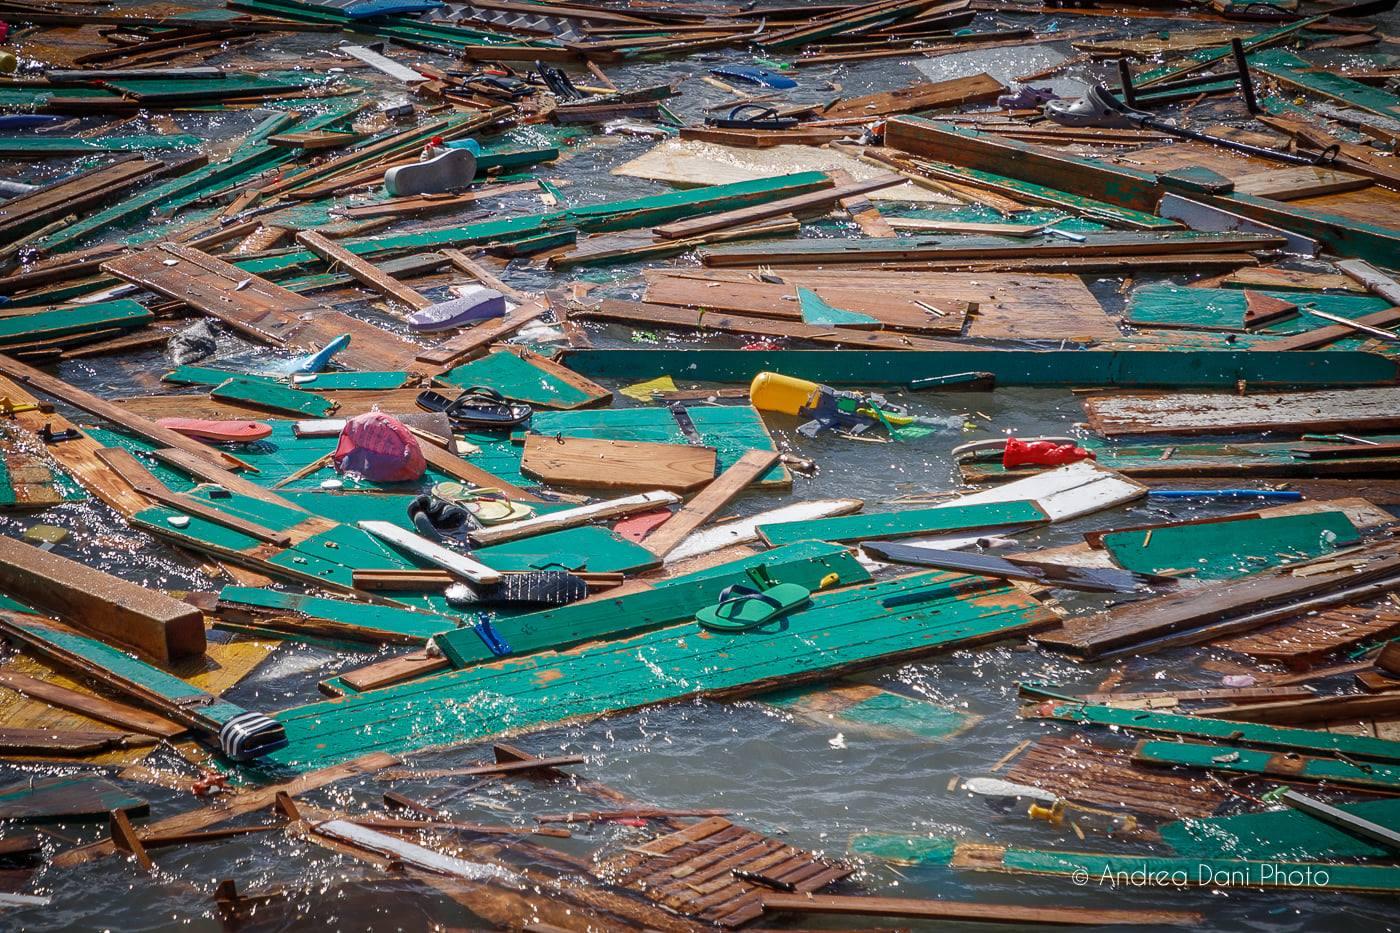 Danni della tempesta ai Pancaldi Acquaviva di Livorno